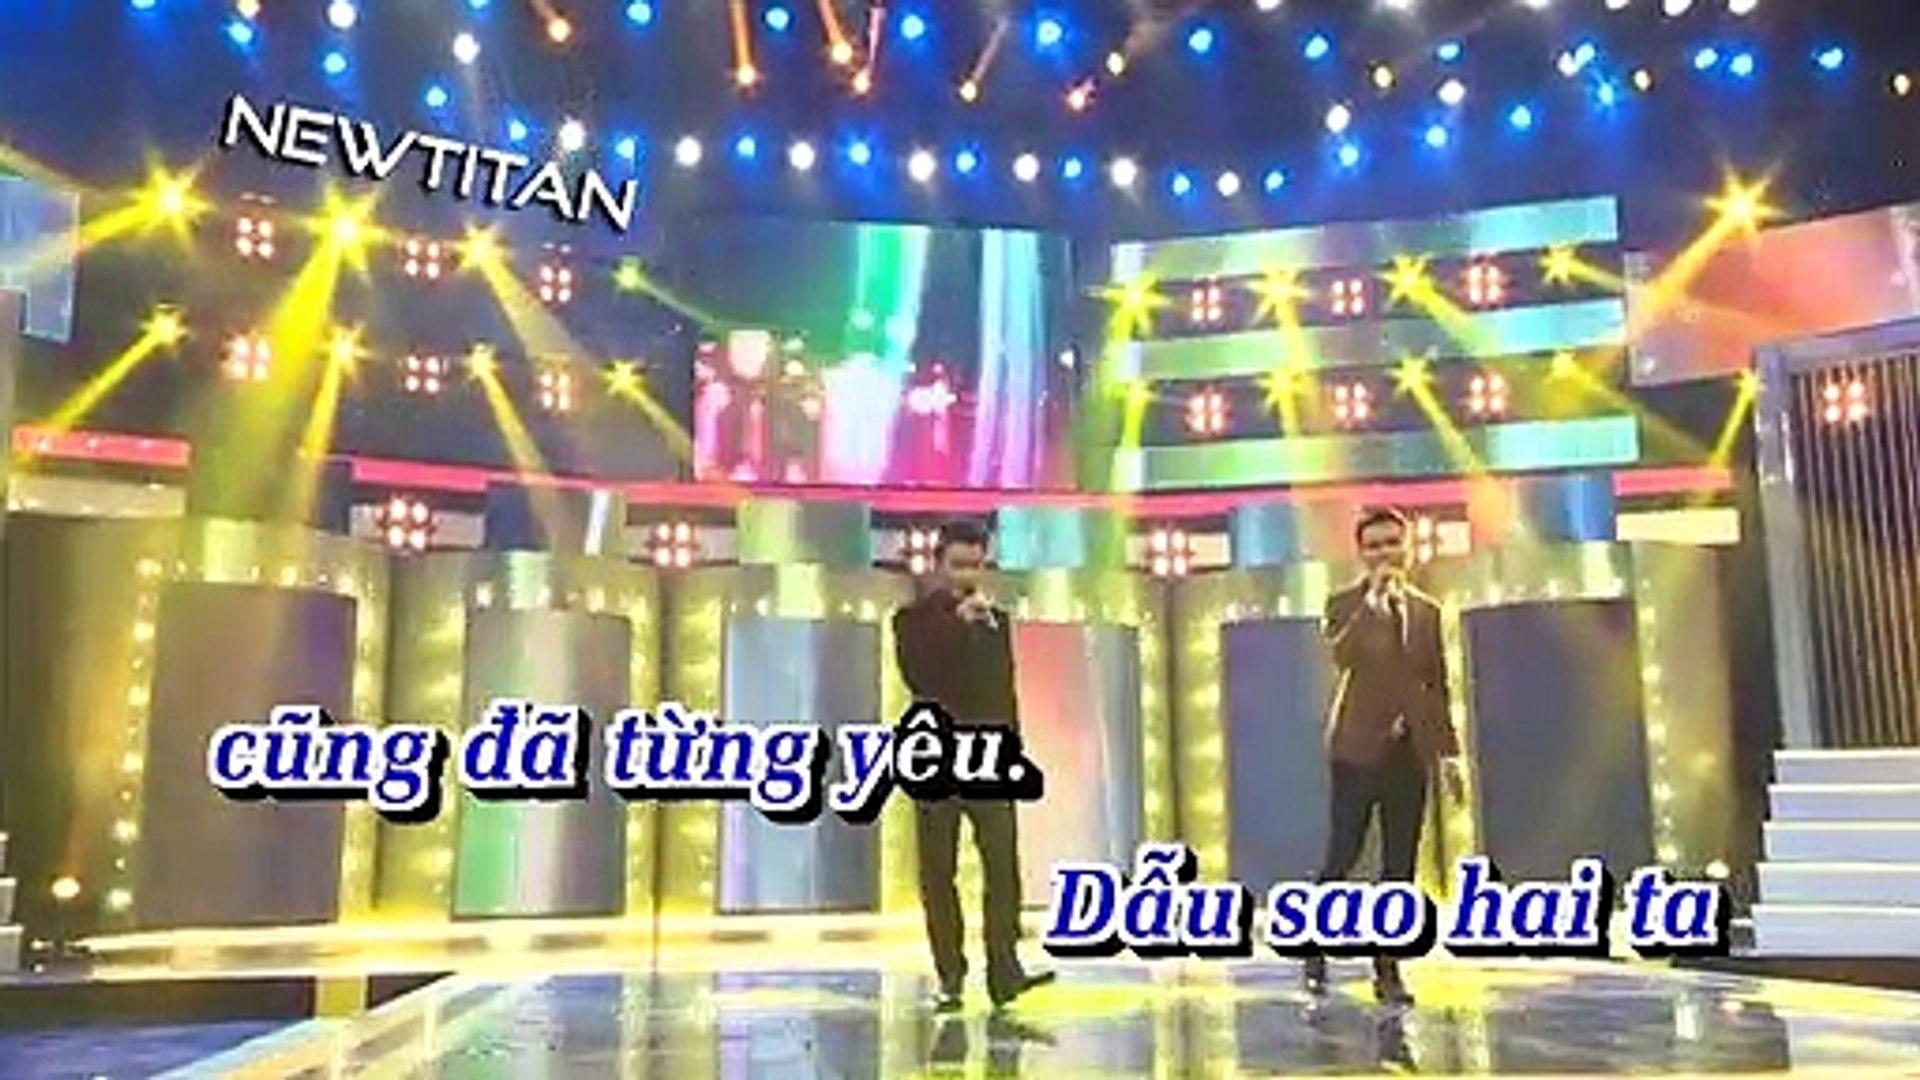 [Karaoke] Nếu Không Có Anh - Quang Mẫn Ft. Khắc Việt [Beat]